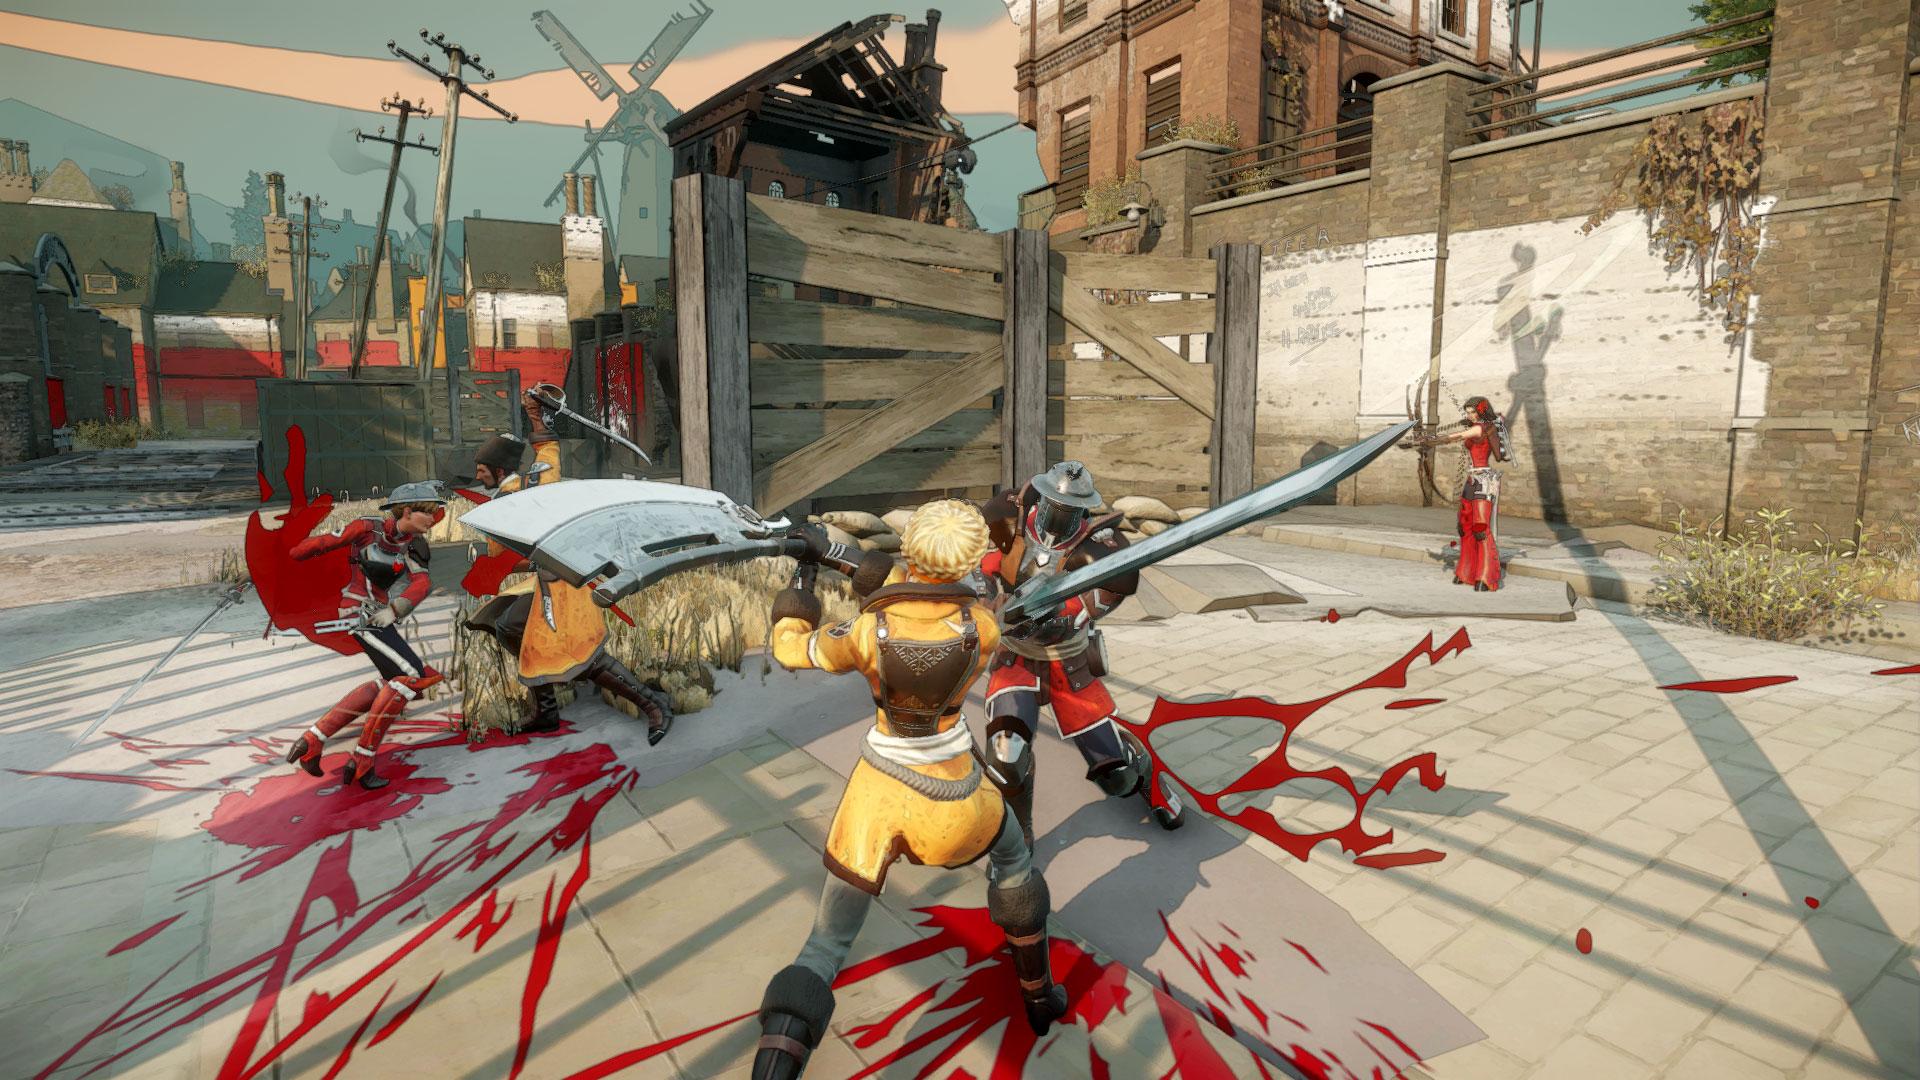 Battlecry será un juego de acción multijugador online gratuito